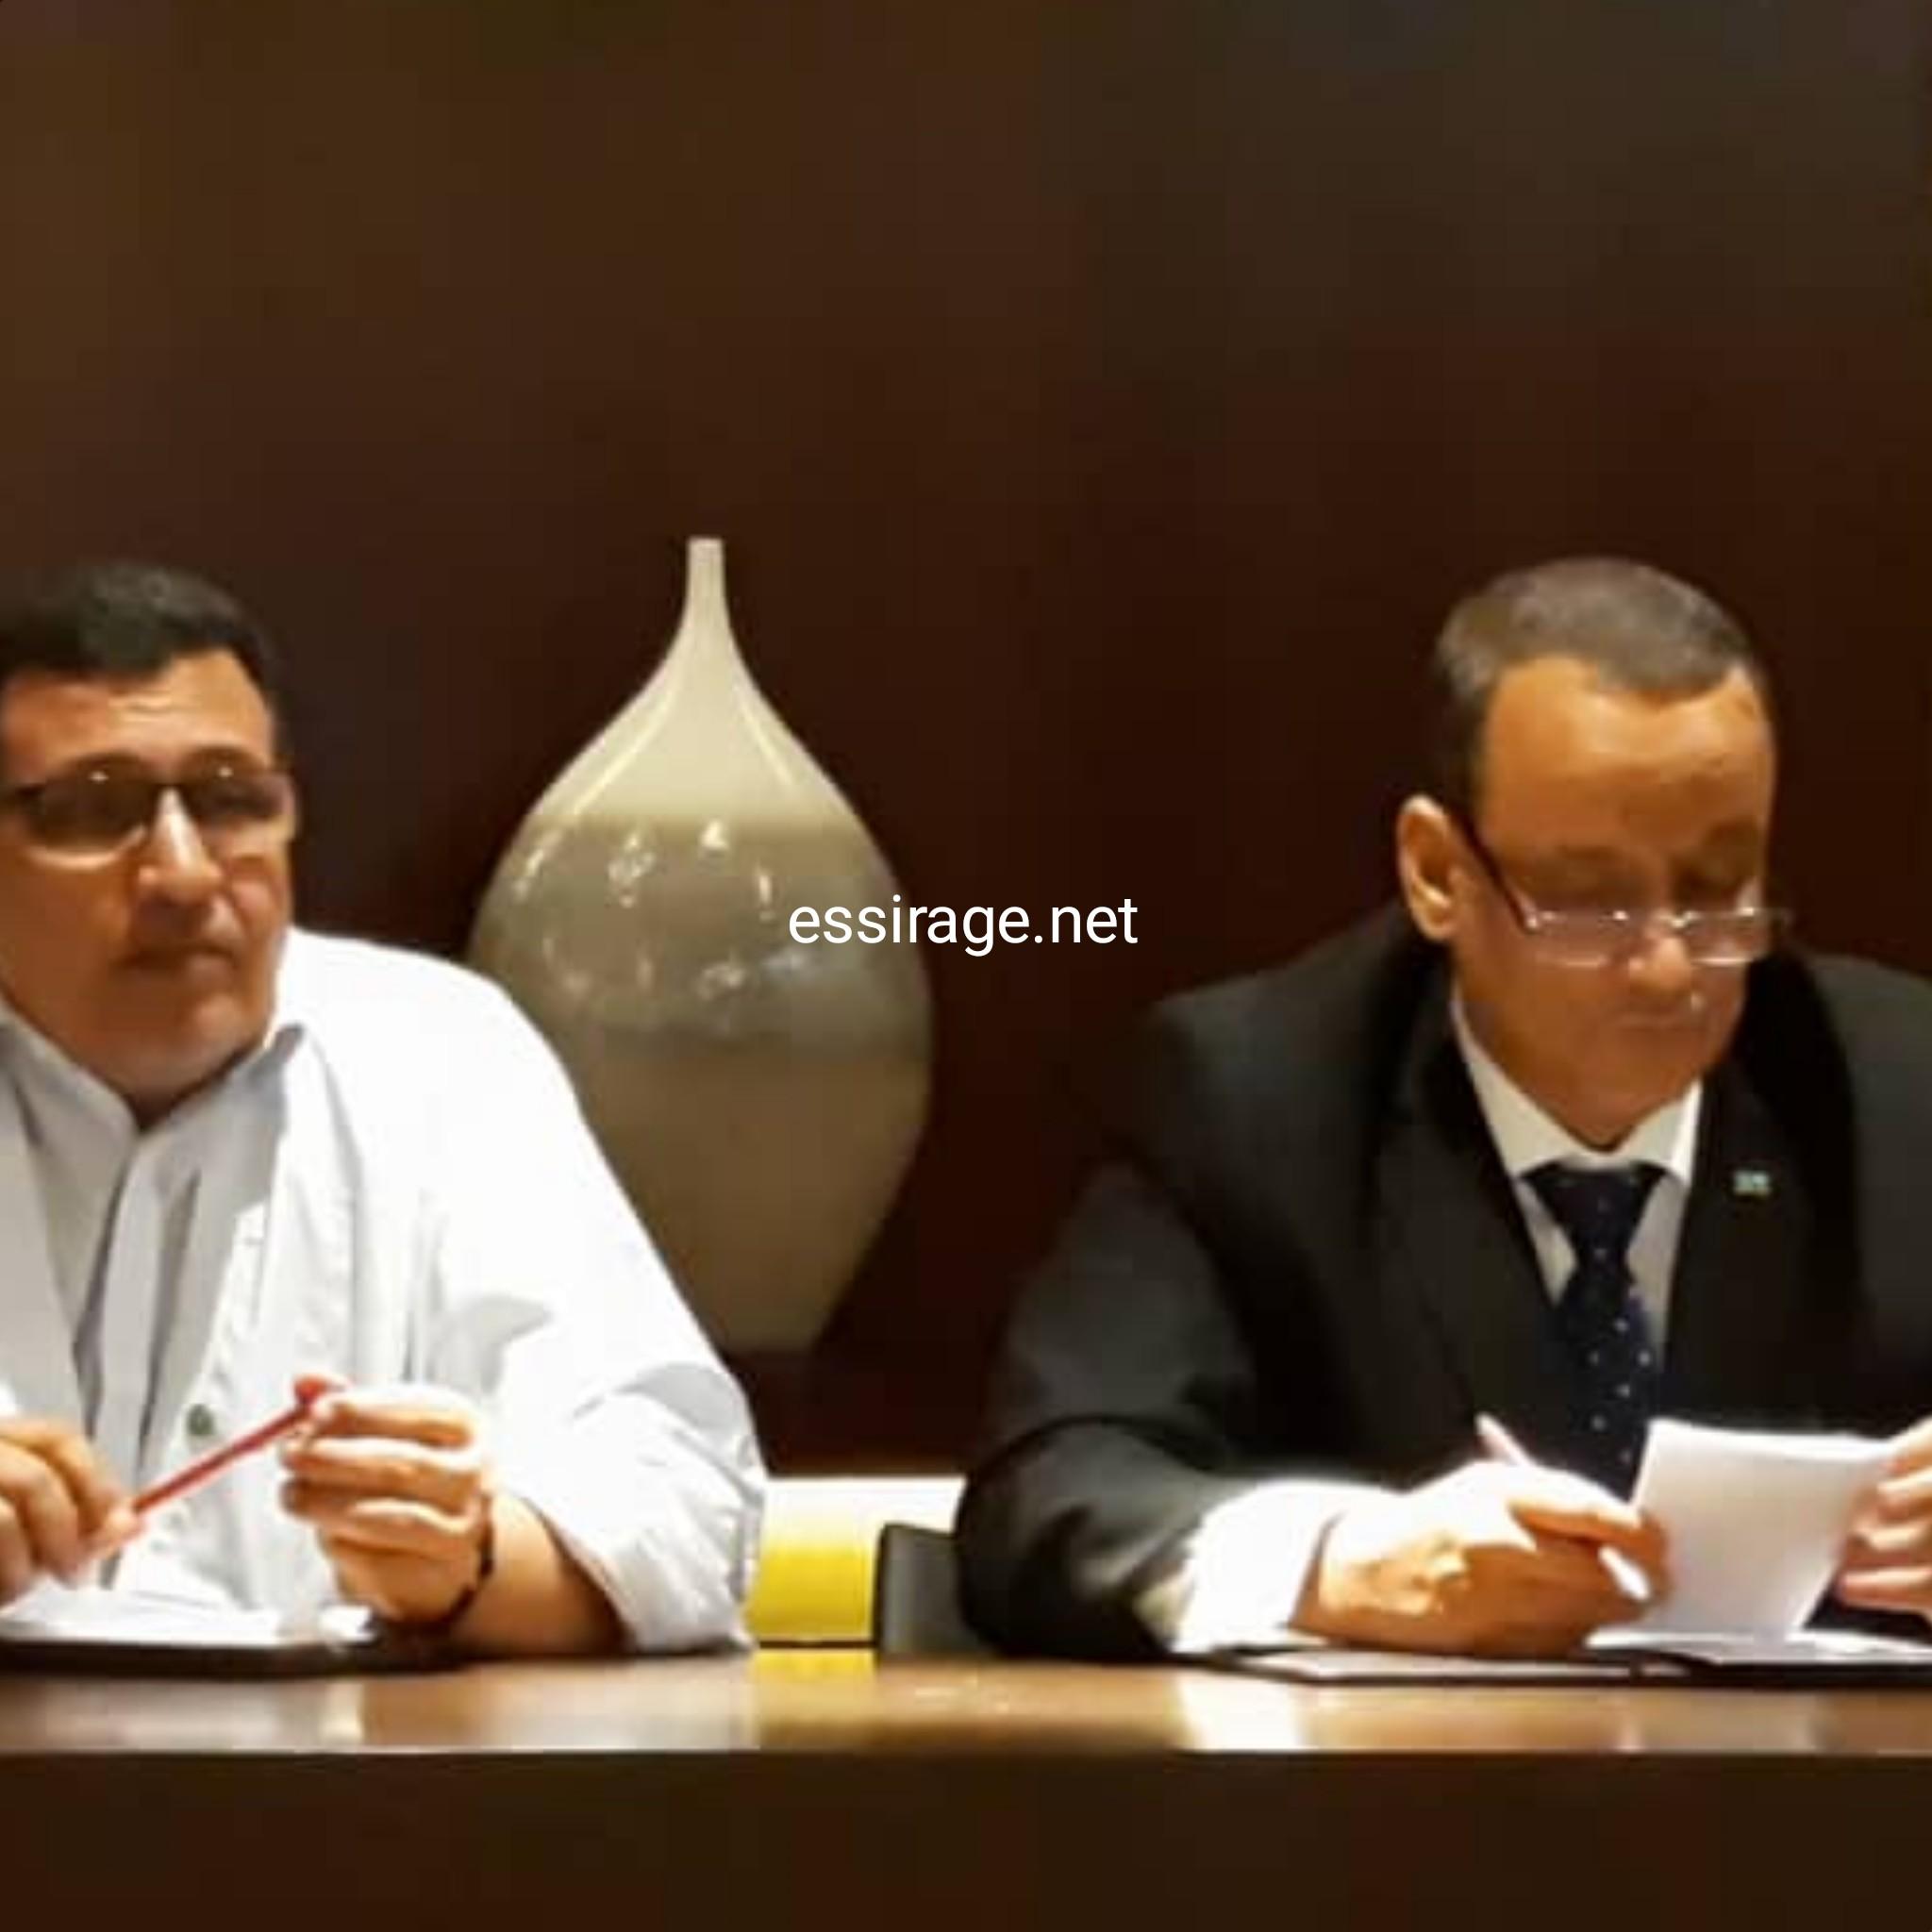 الوزير والسفير خلال الاجتماع